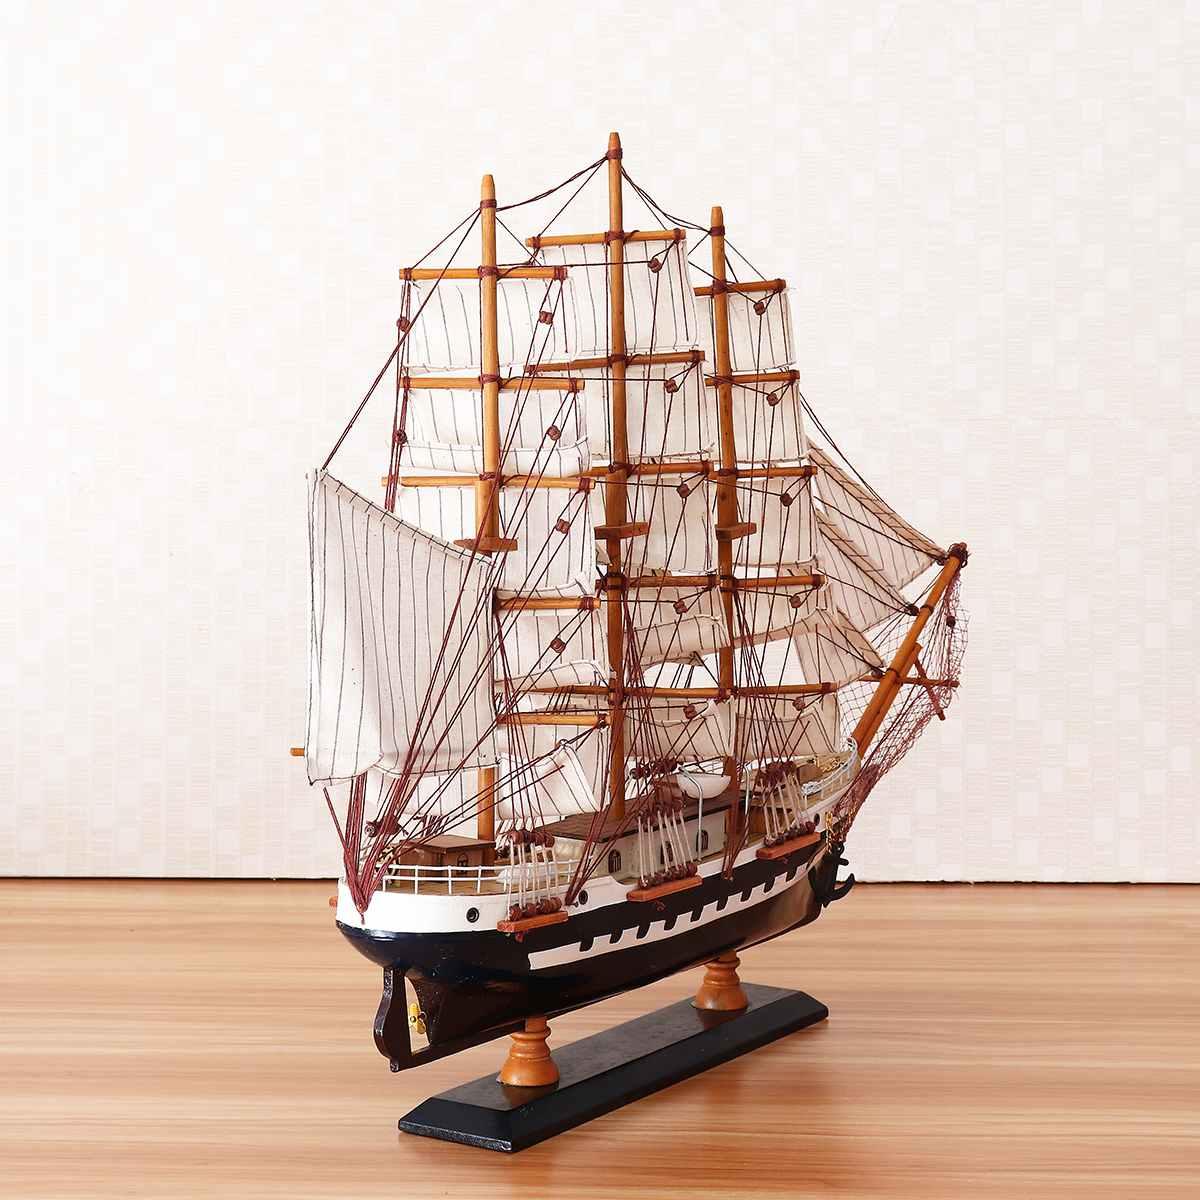 65cm Houten Zeilboot Model Zeilschip Display Schaal Boot Decoratie Gift Kits Montage Model Building Kits Geschenken Decoratie - 5